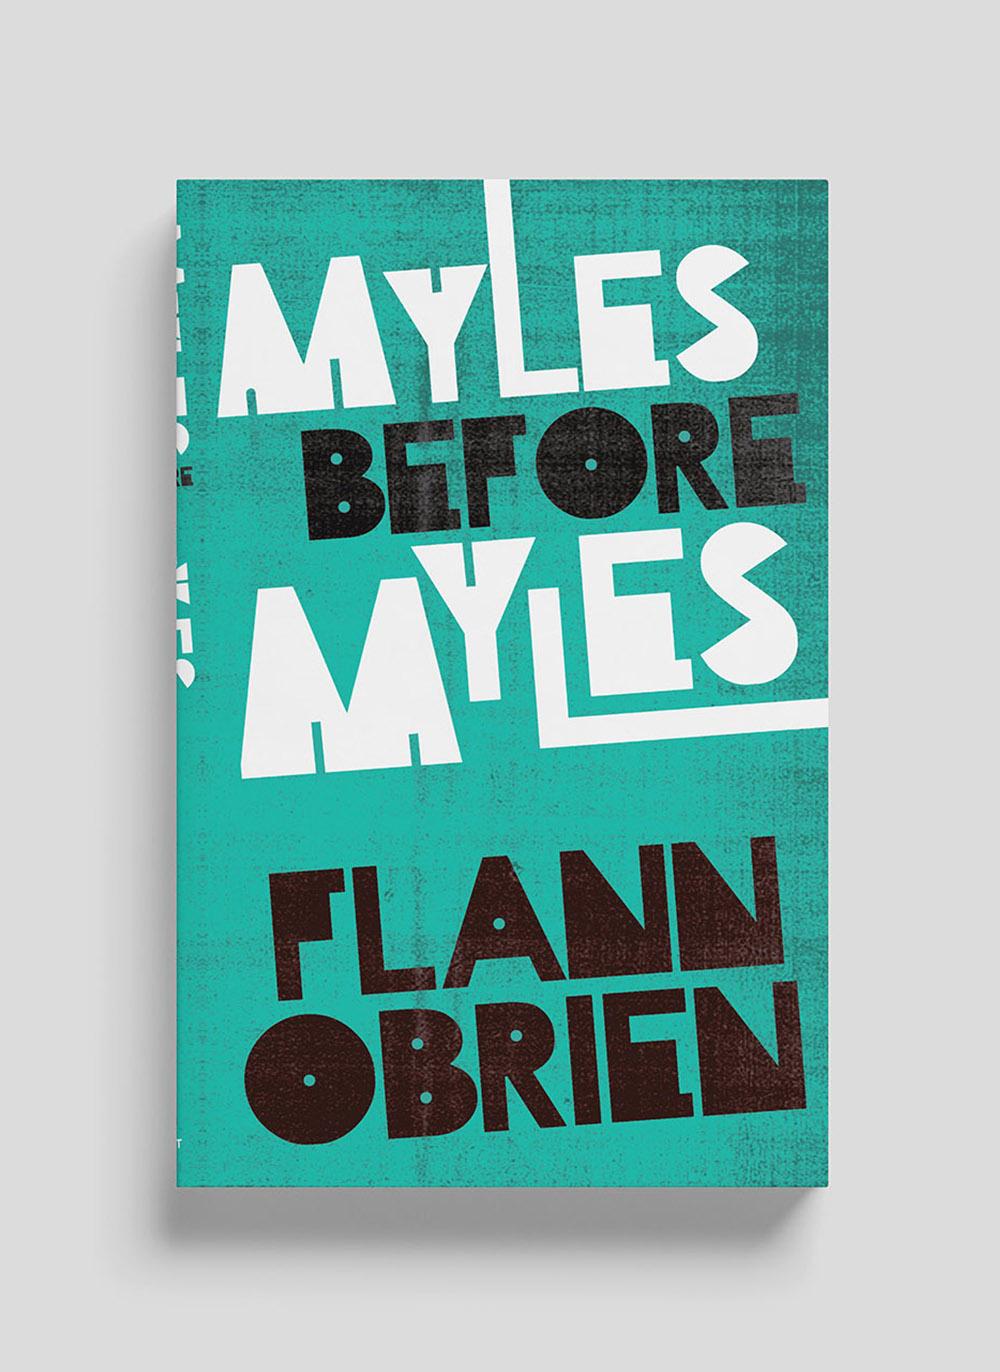 Myles Before Myles cover